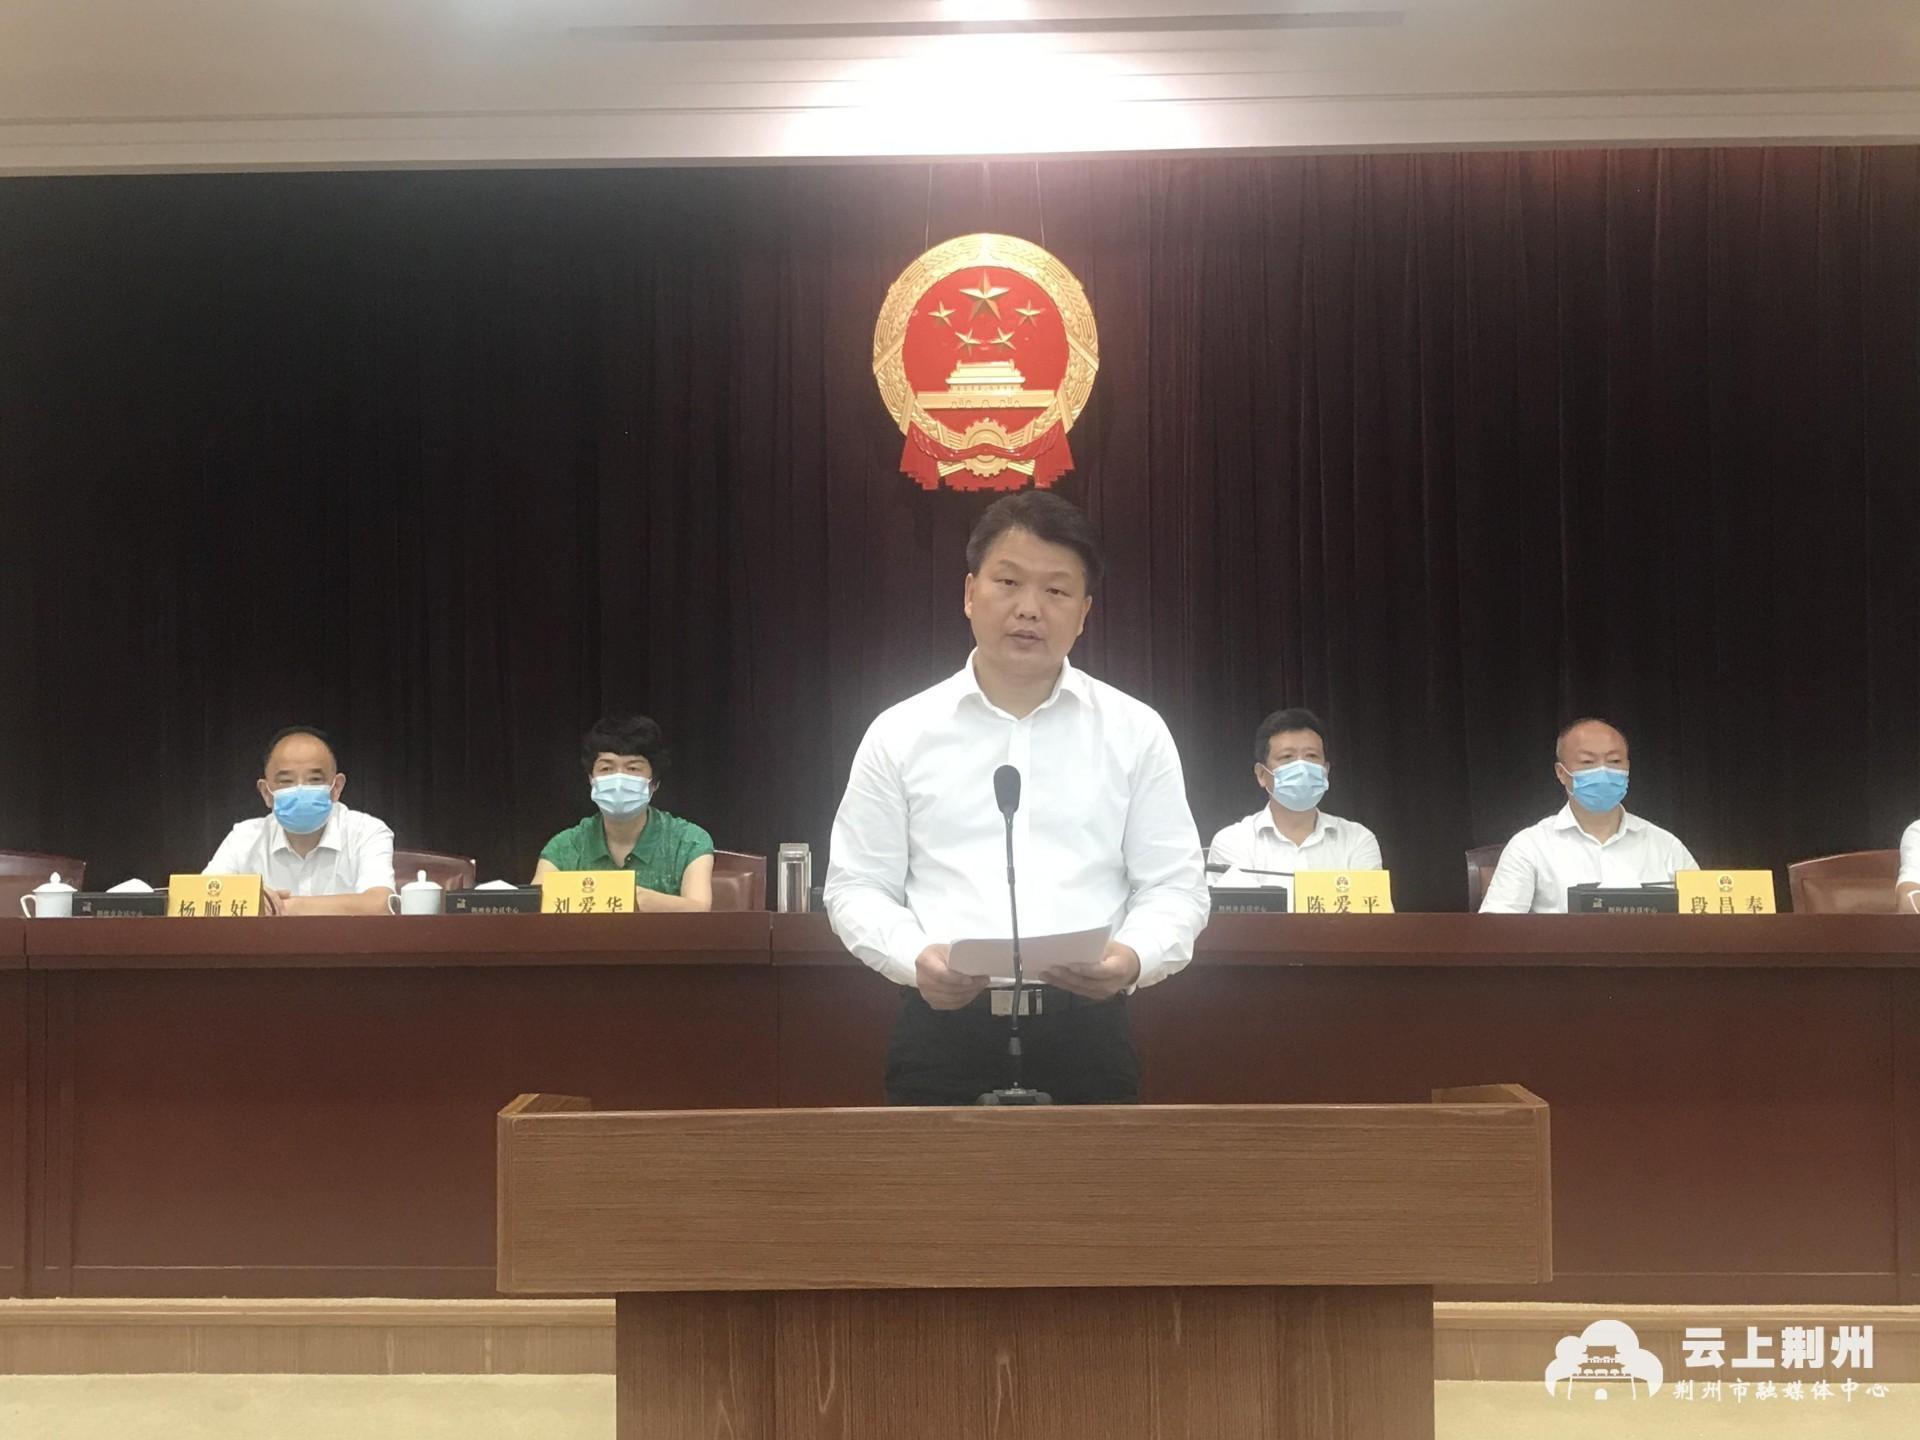 湖北荆州:任命向斌为副市长,免去蒋鸿、李水彬副市长职务,接受崔永辉辞去市长职务